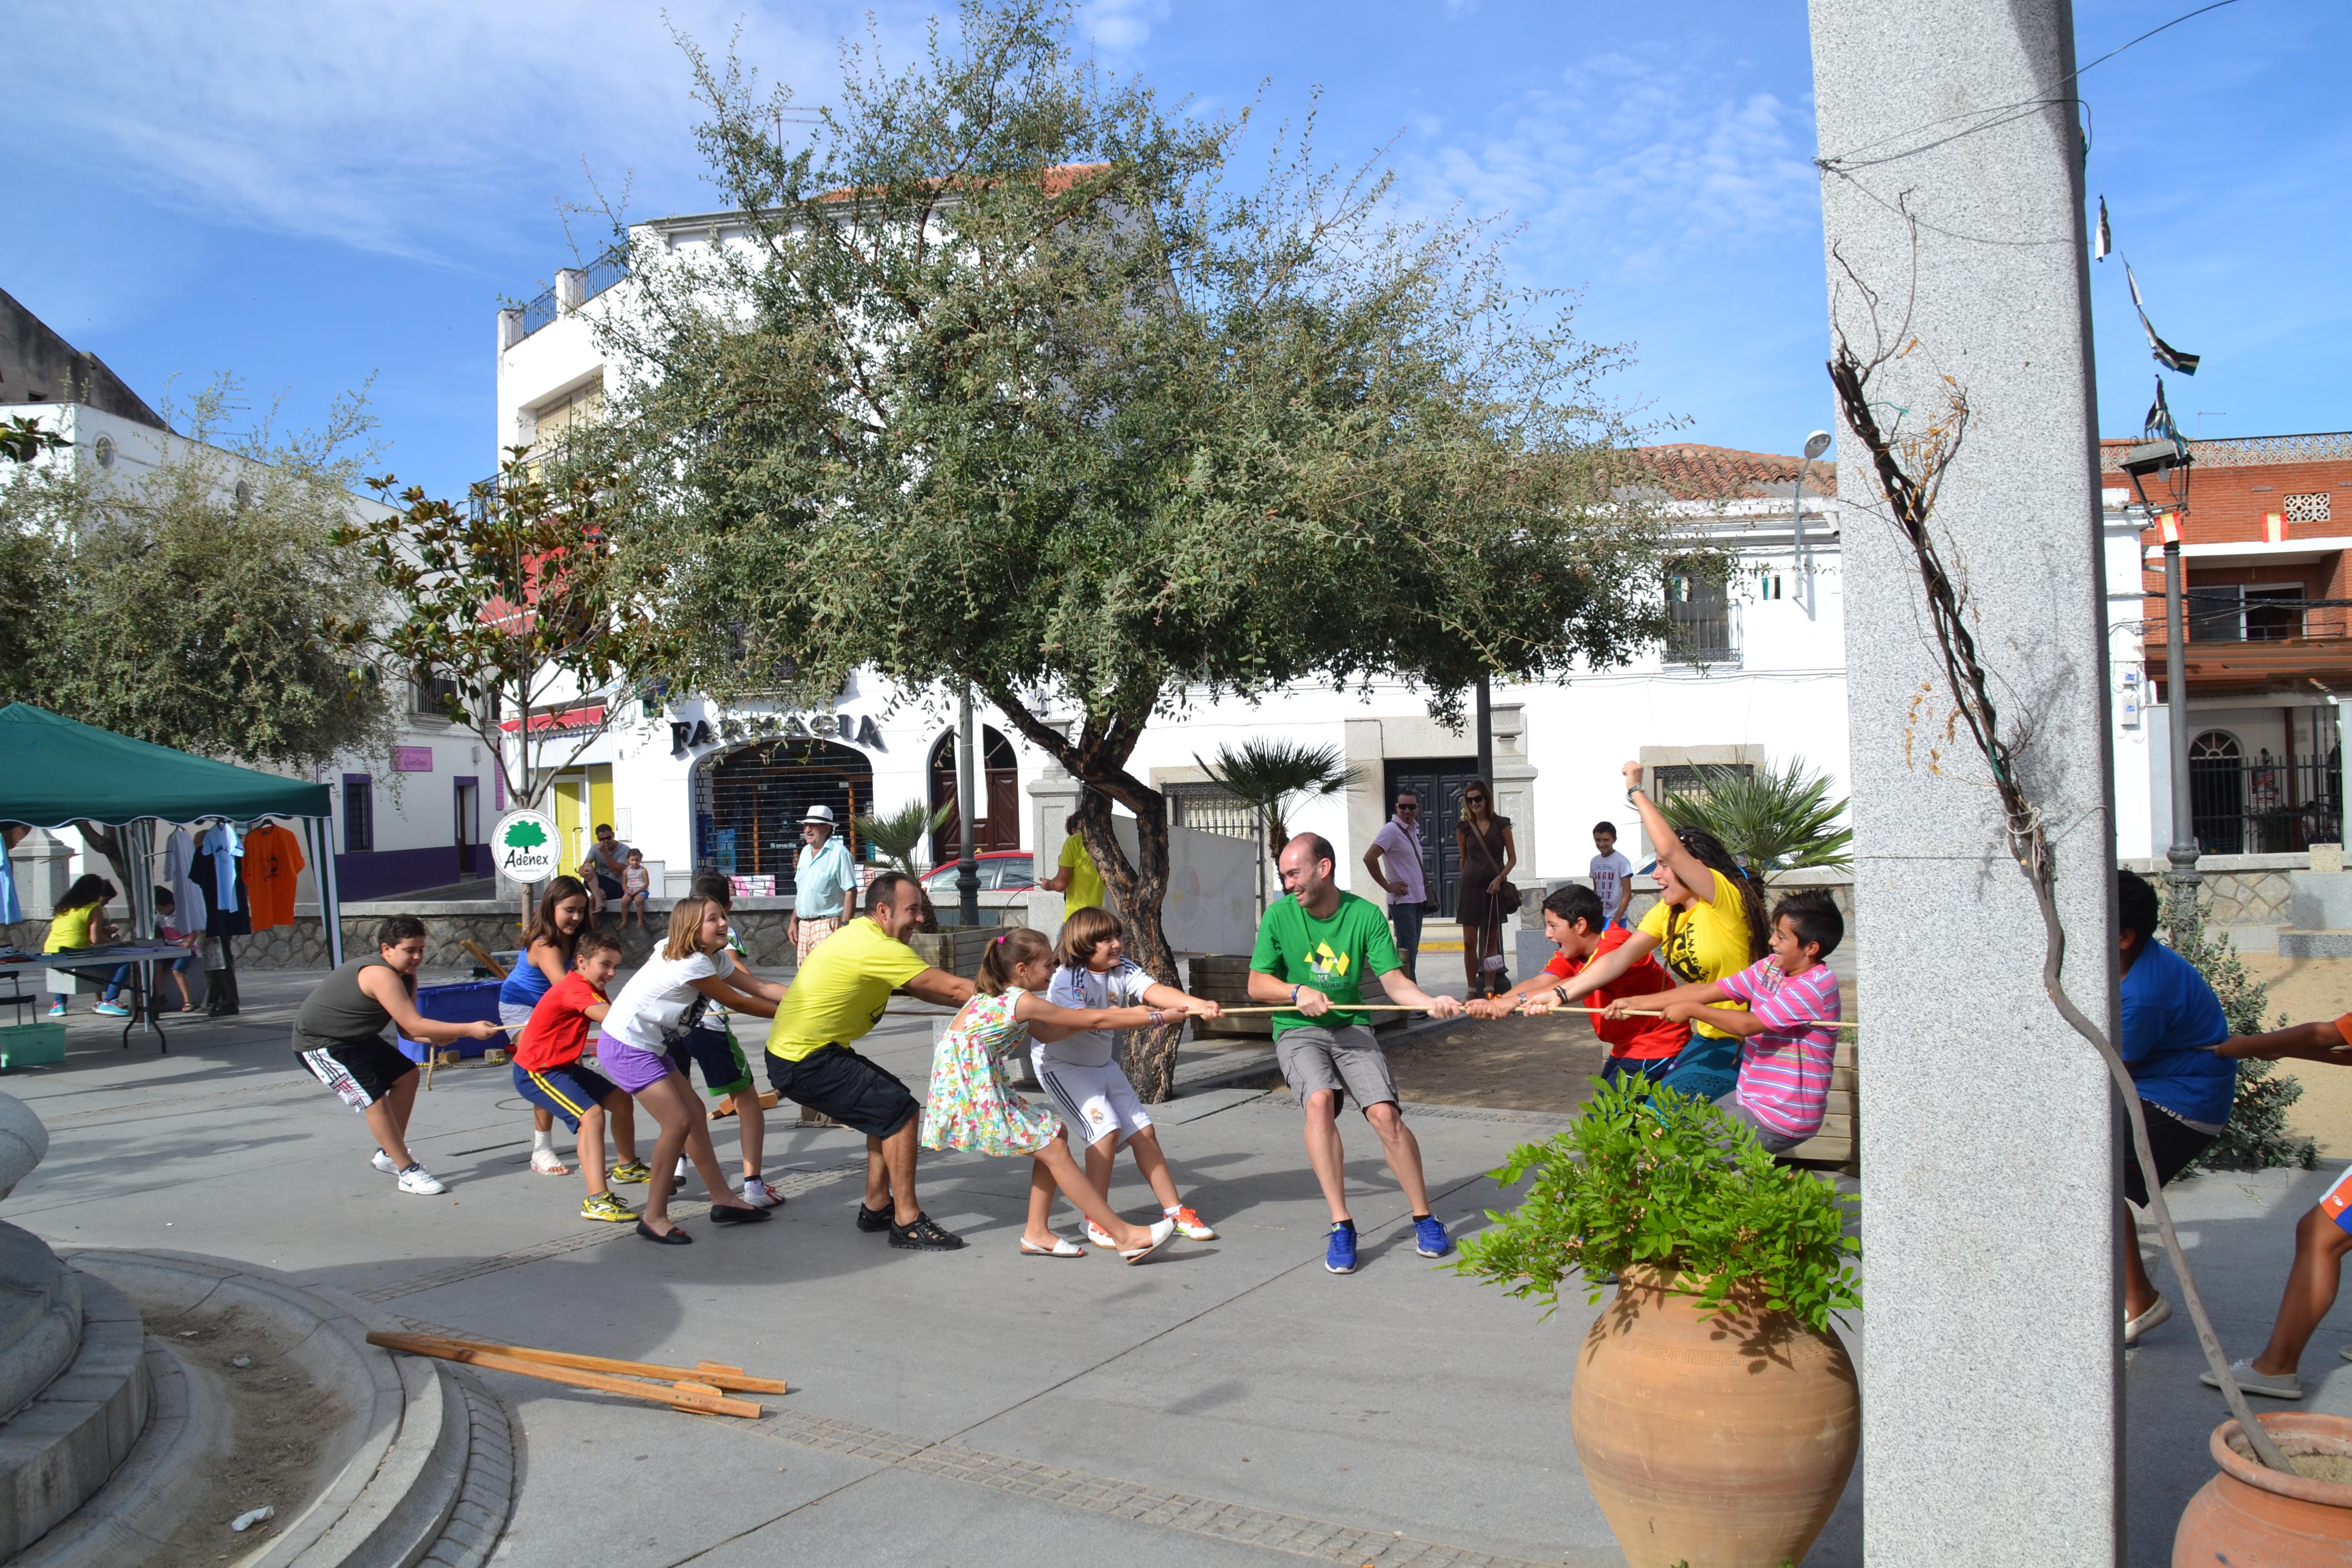 Juegos populares como método de sensibilización medioambiental y fomento del uso de energías limpias